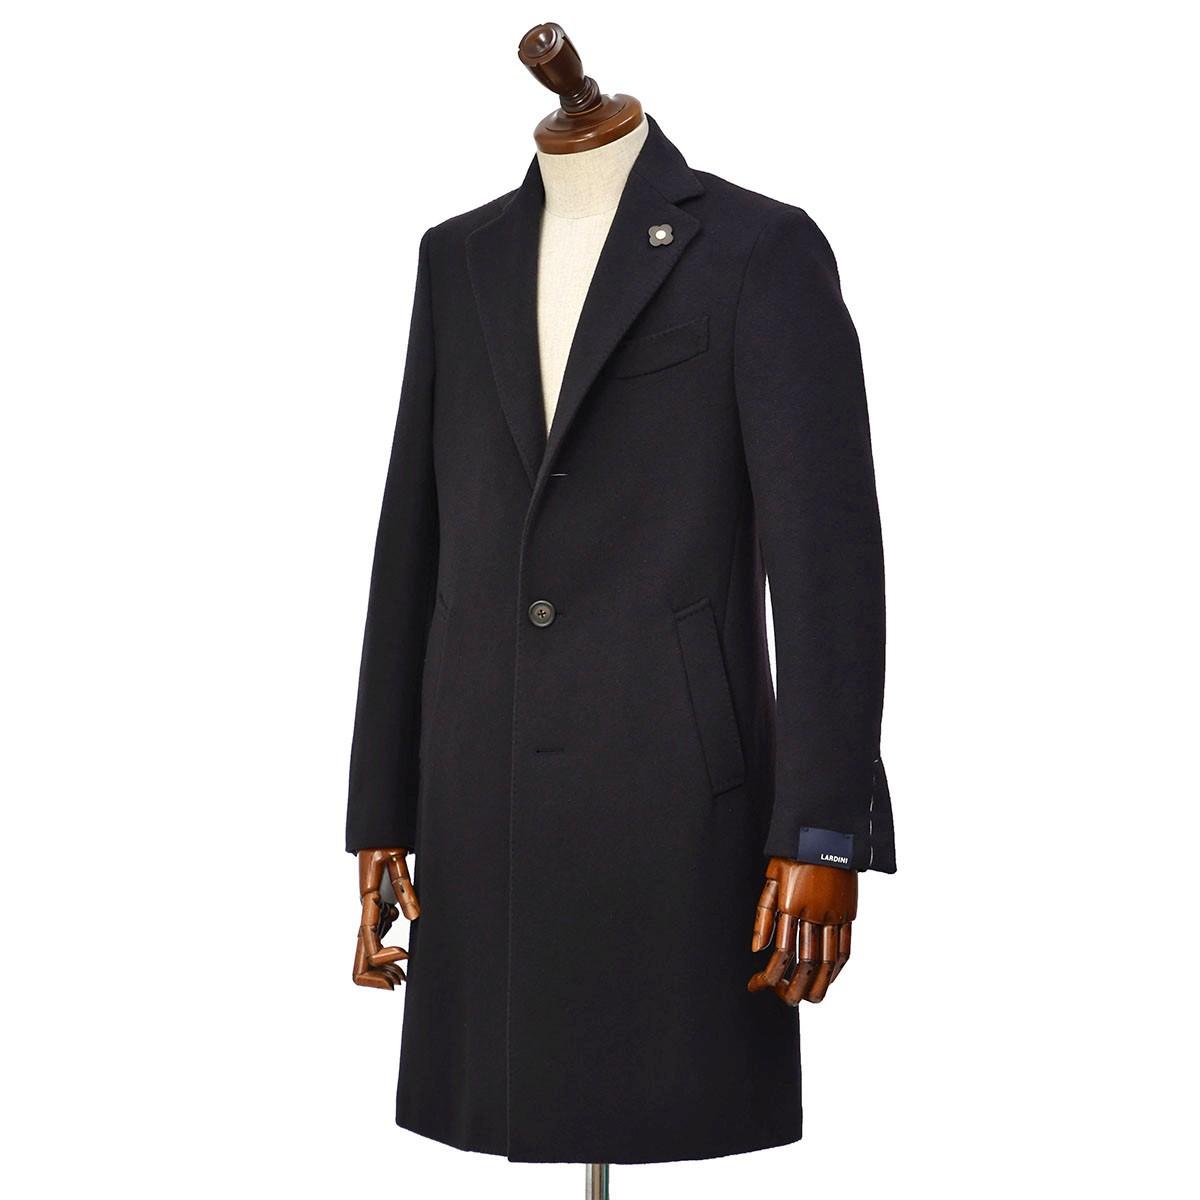 LARDINI【ラルディーニ】 シングルチェスターコートをご紹介致します。